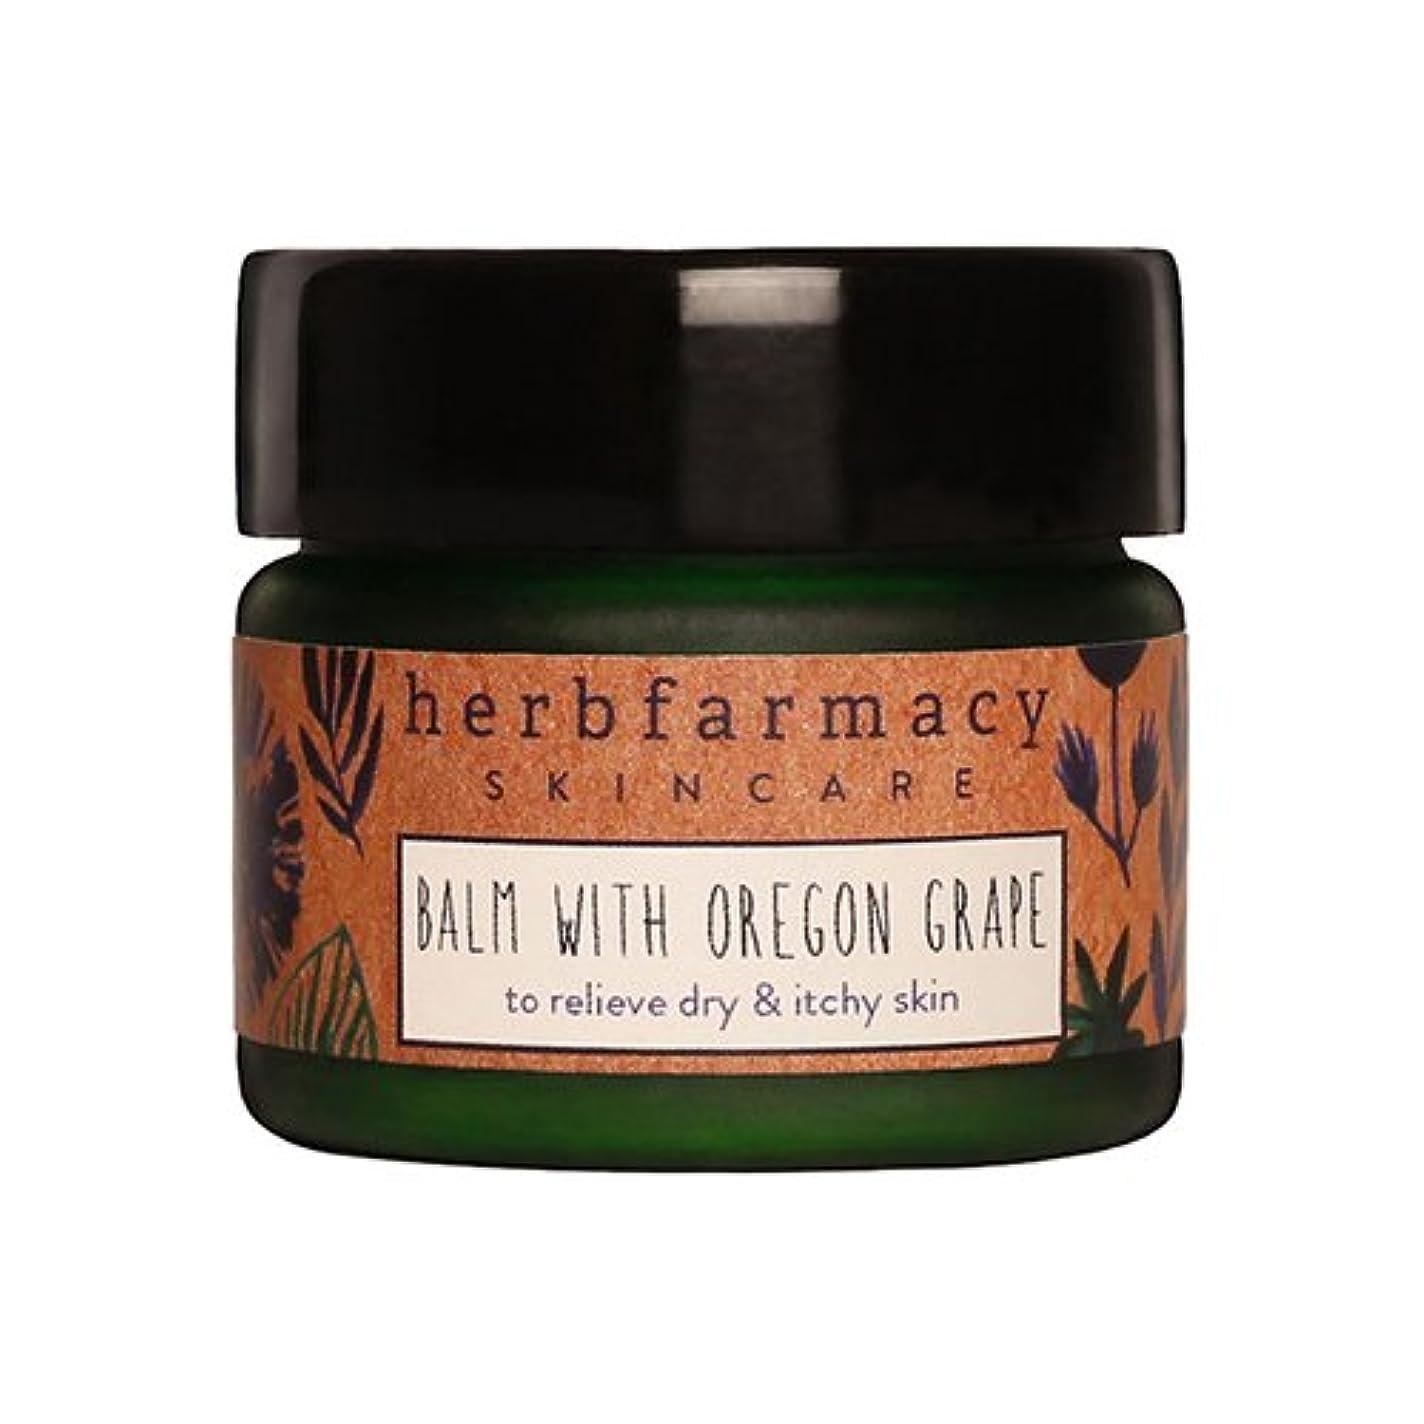 山岳ひねりとても多くのハーブファーマシー (herbfarmacy) オーガニック グレープ バーム 〈フェイスバーム〉 (20mL)